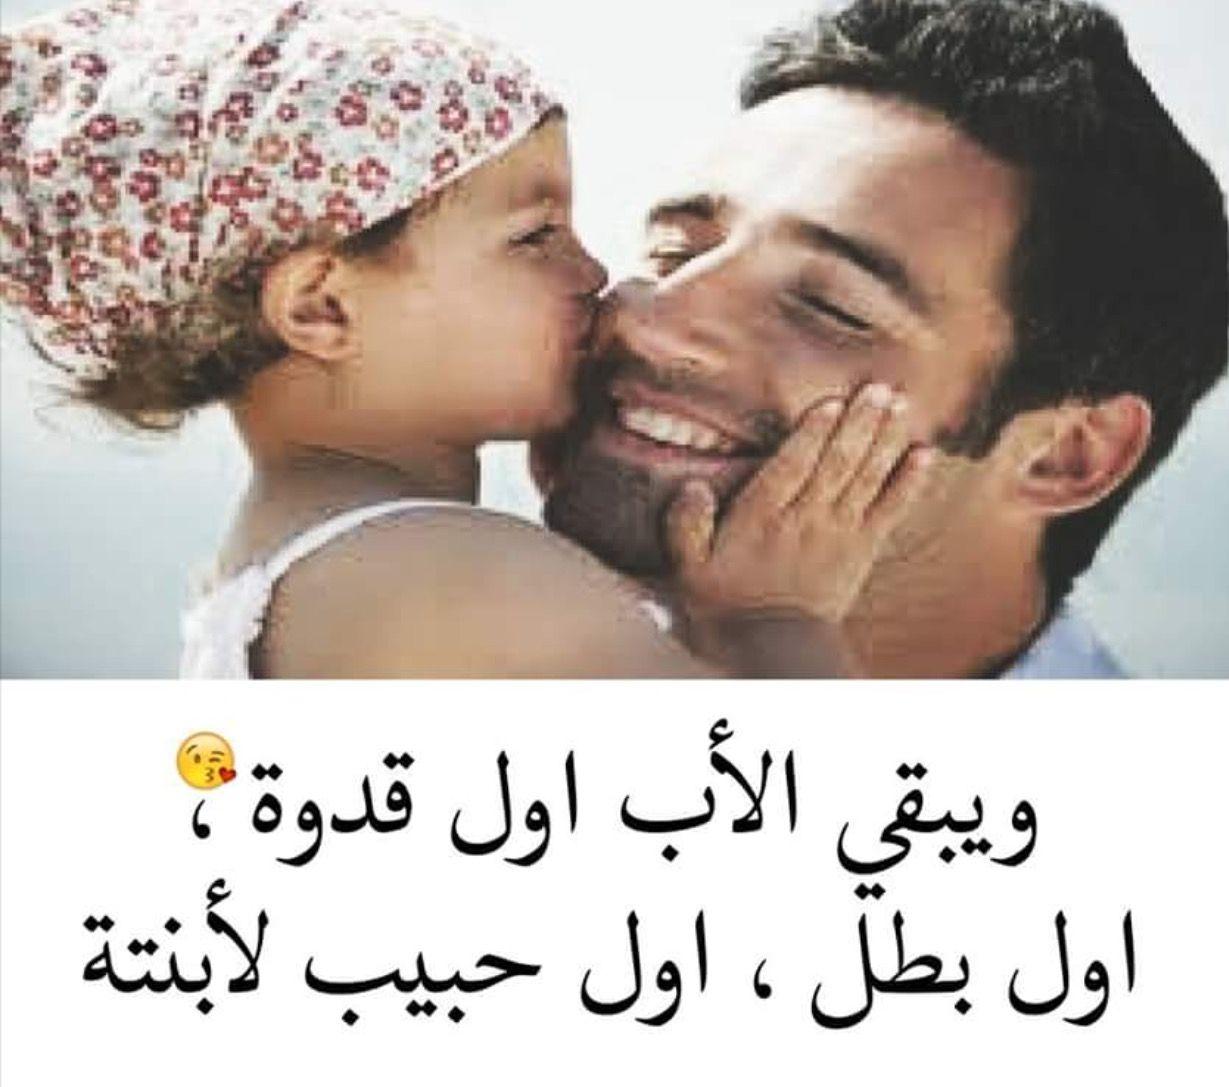 بالصور بوستات عن الاب , الاب وكلمات فى الصميم 1701 6